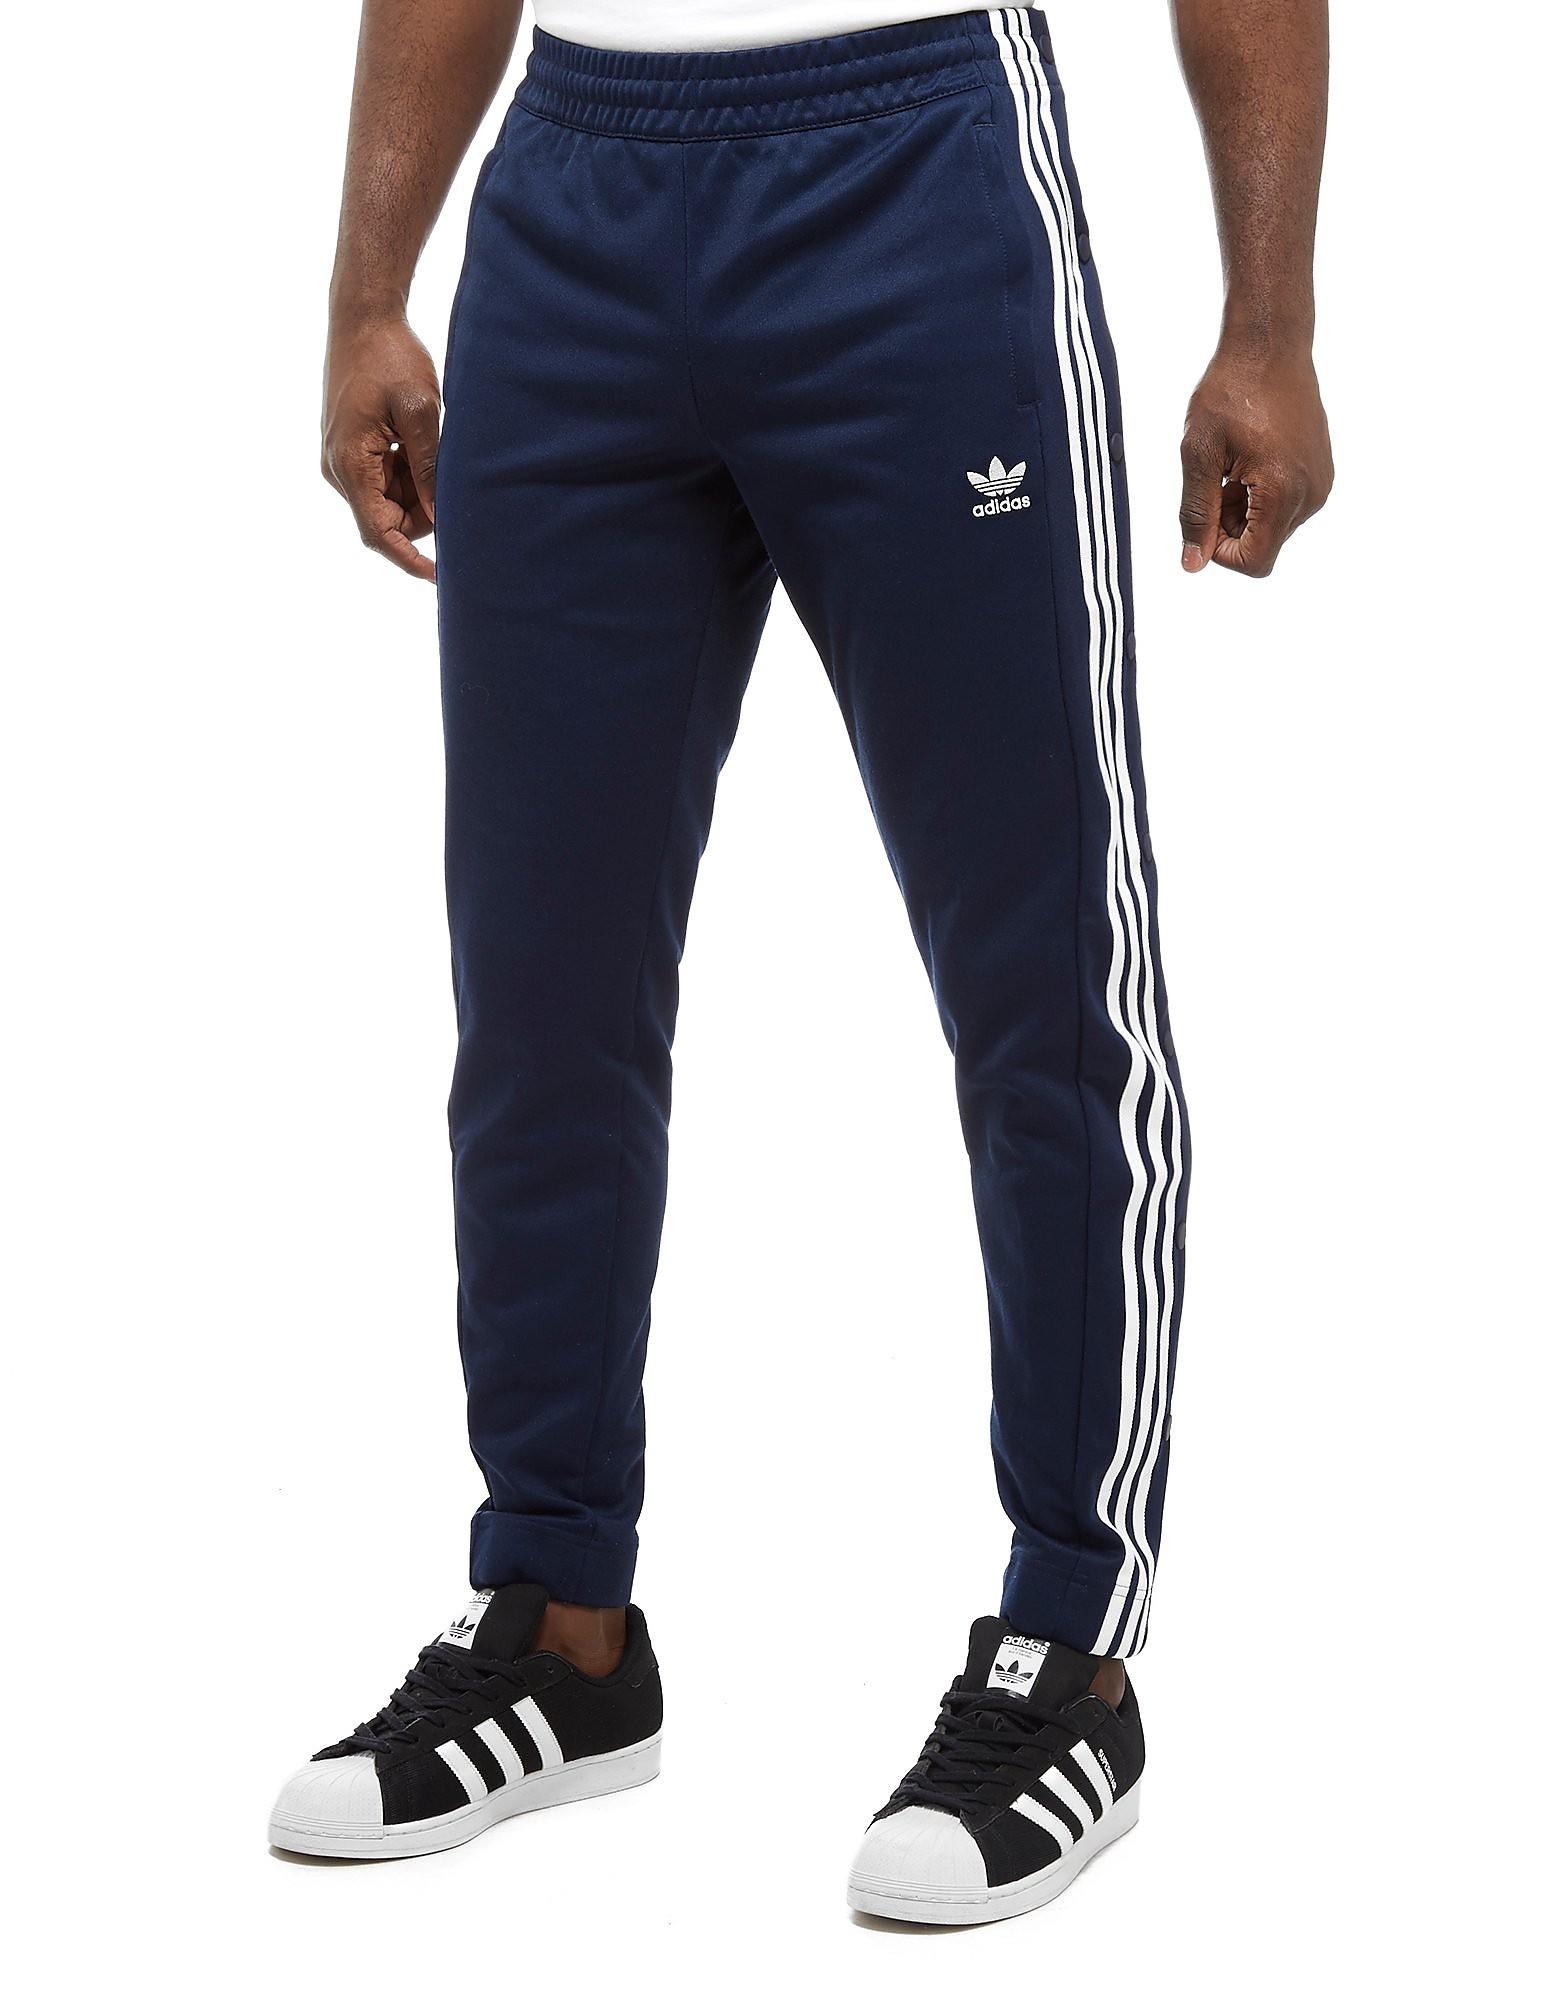 adidas Originals Adibreak Snap Trainingshosen Marineblau